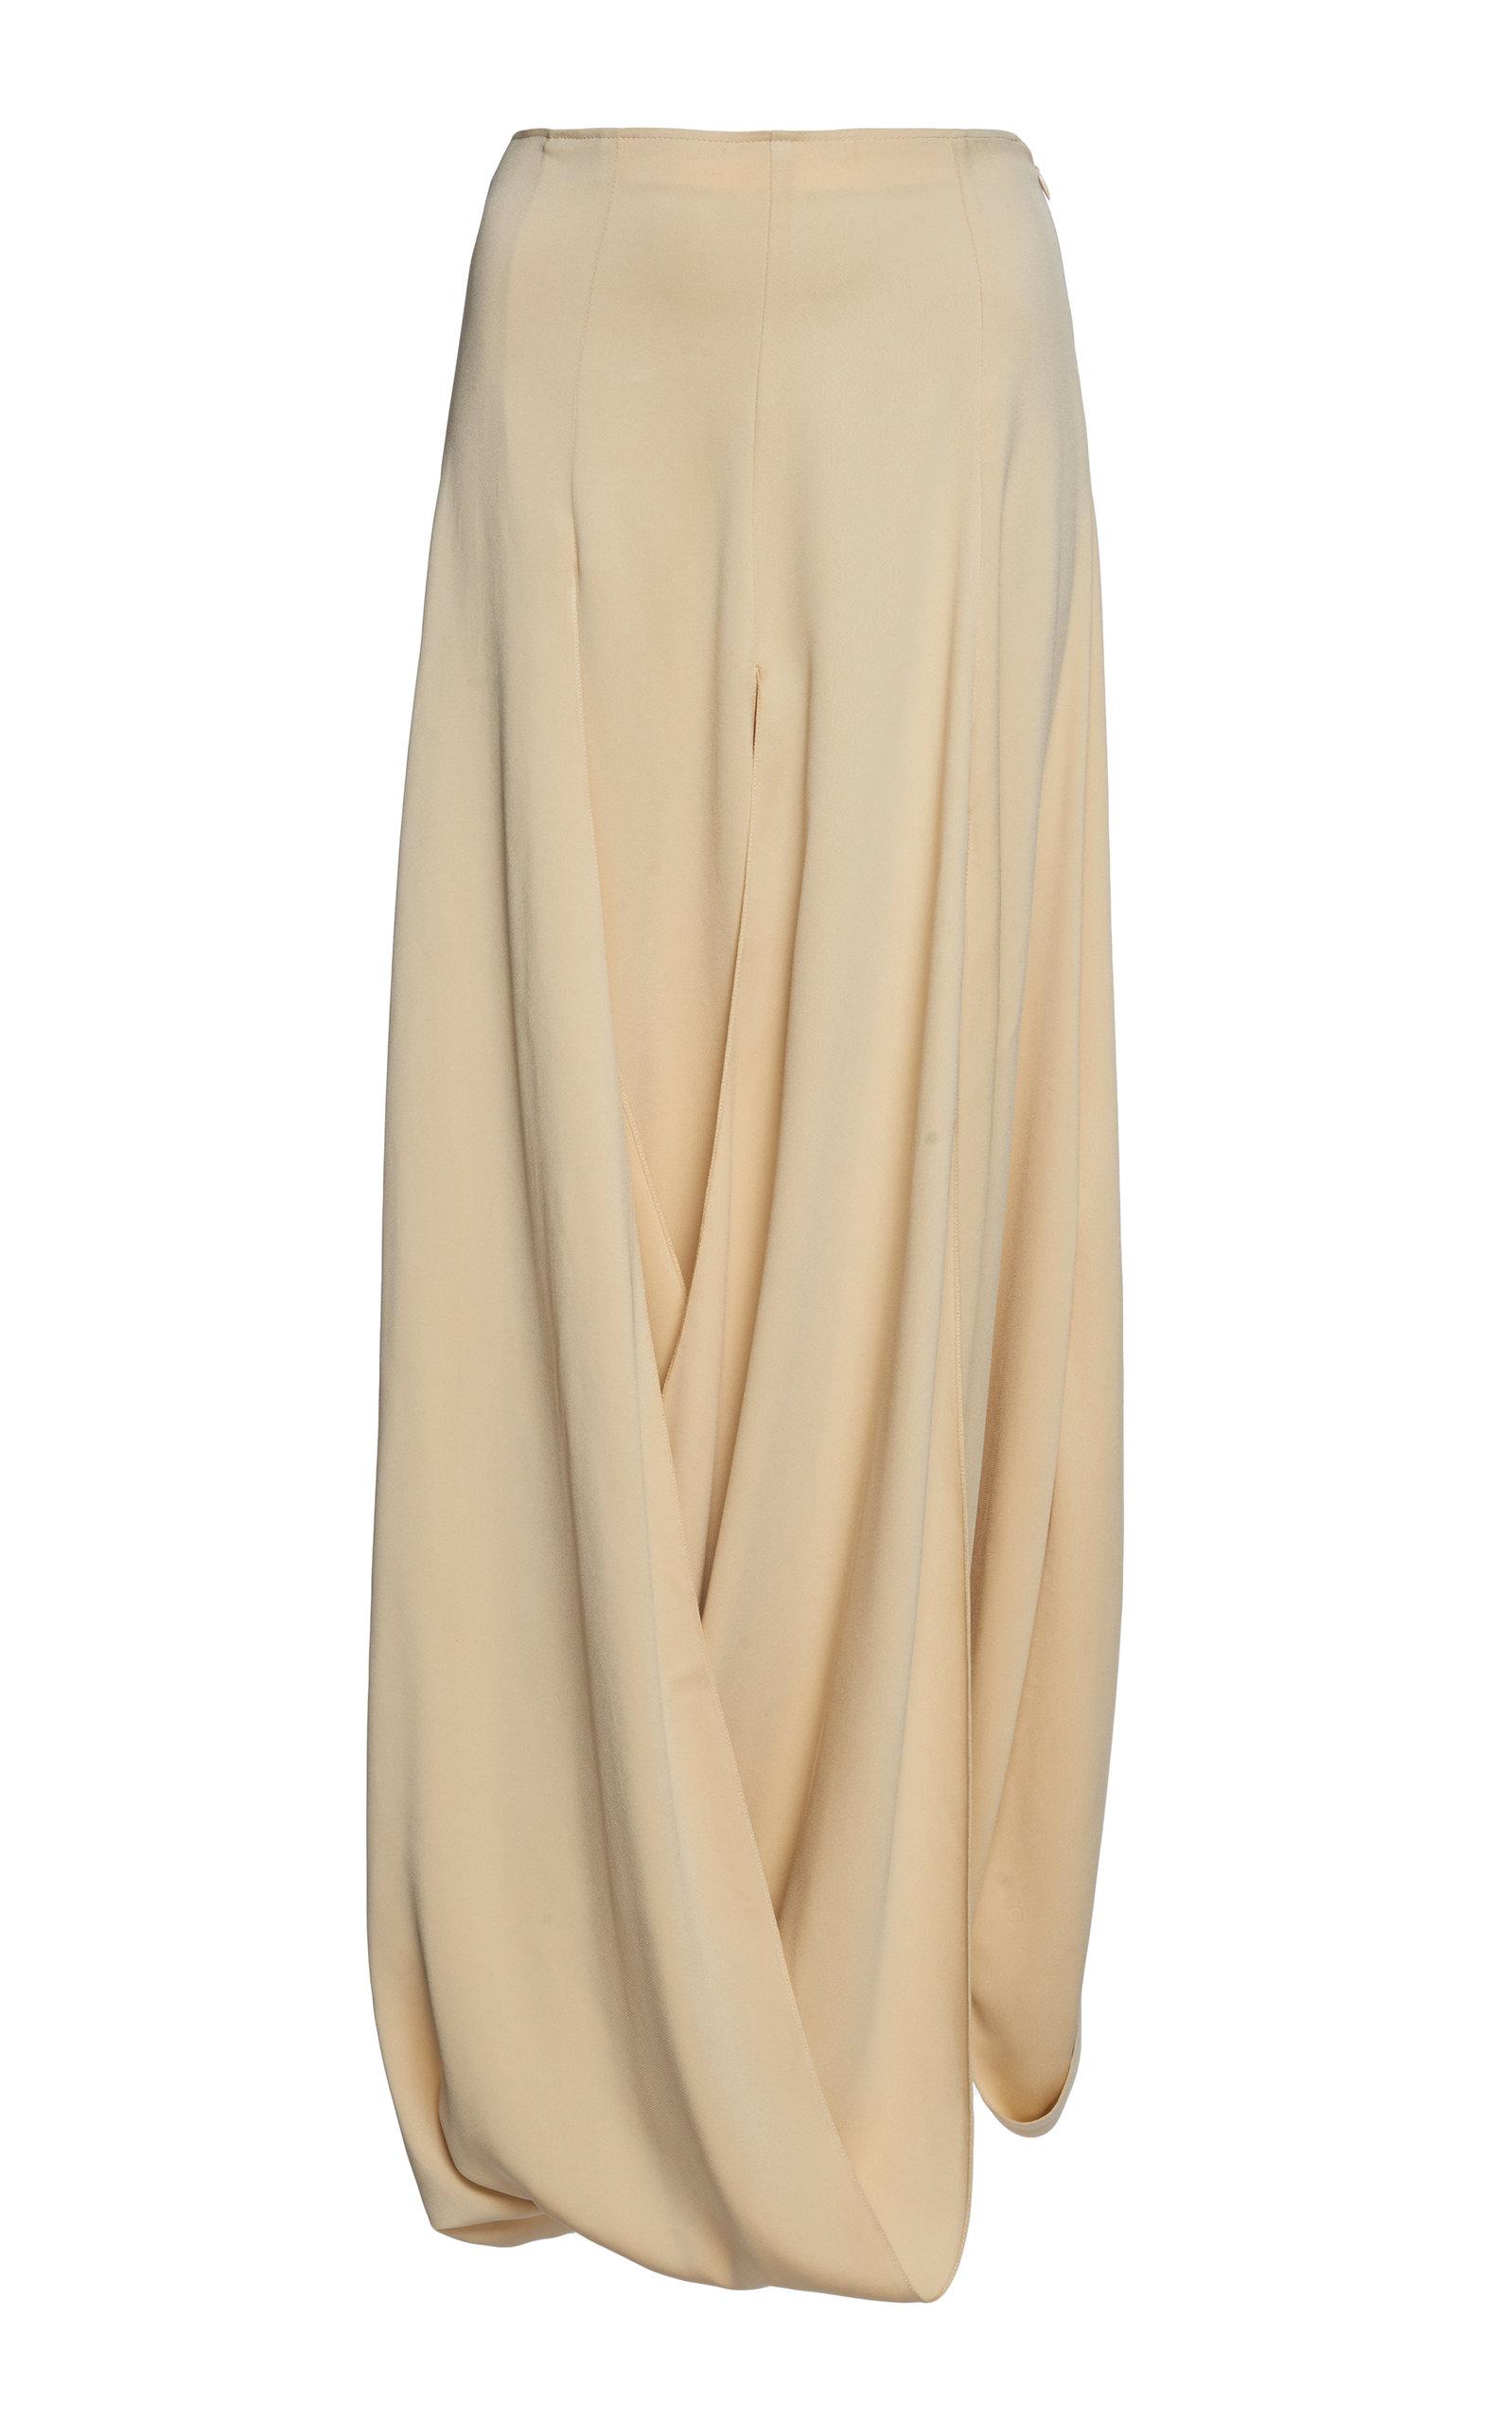 phillip skirt white black in lim draped drapes antique